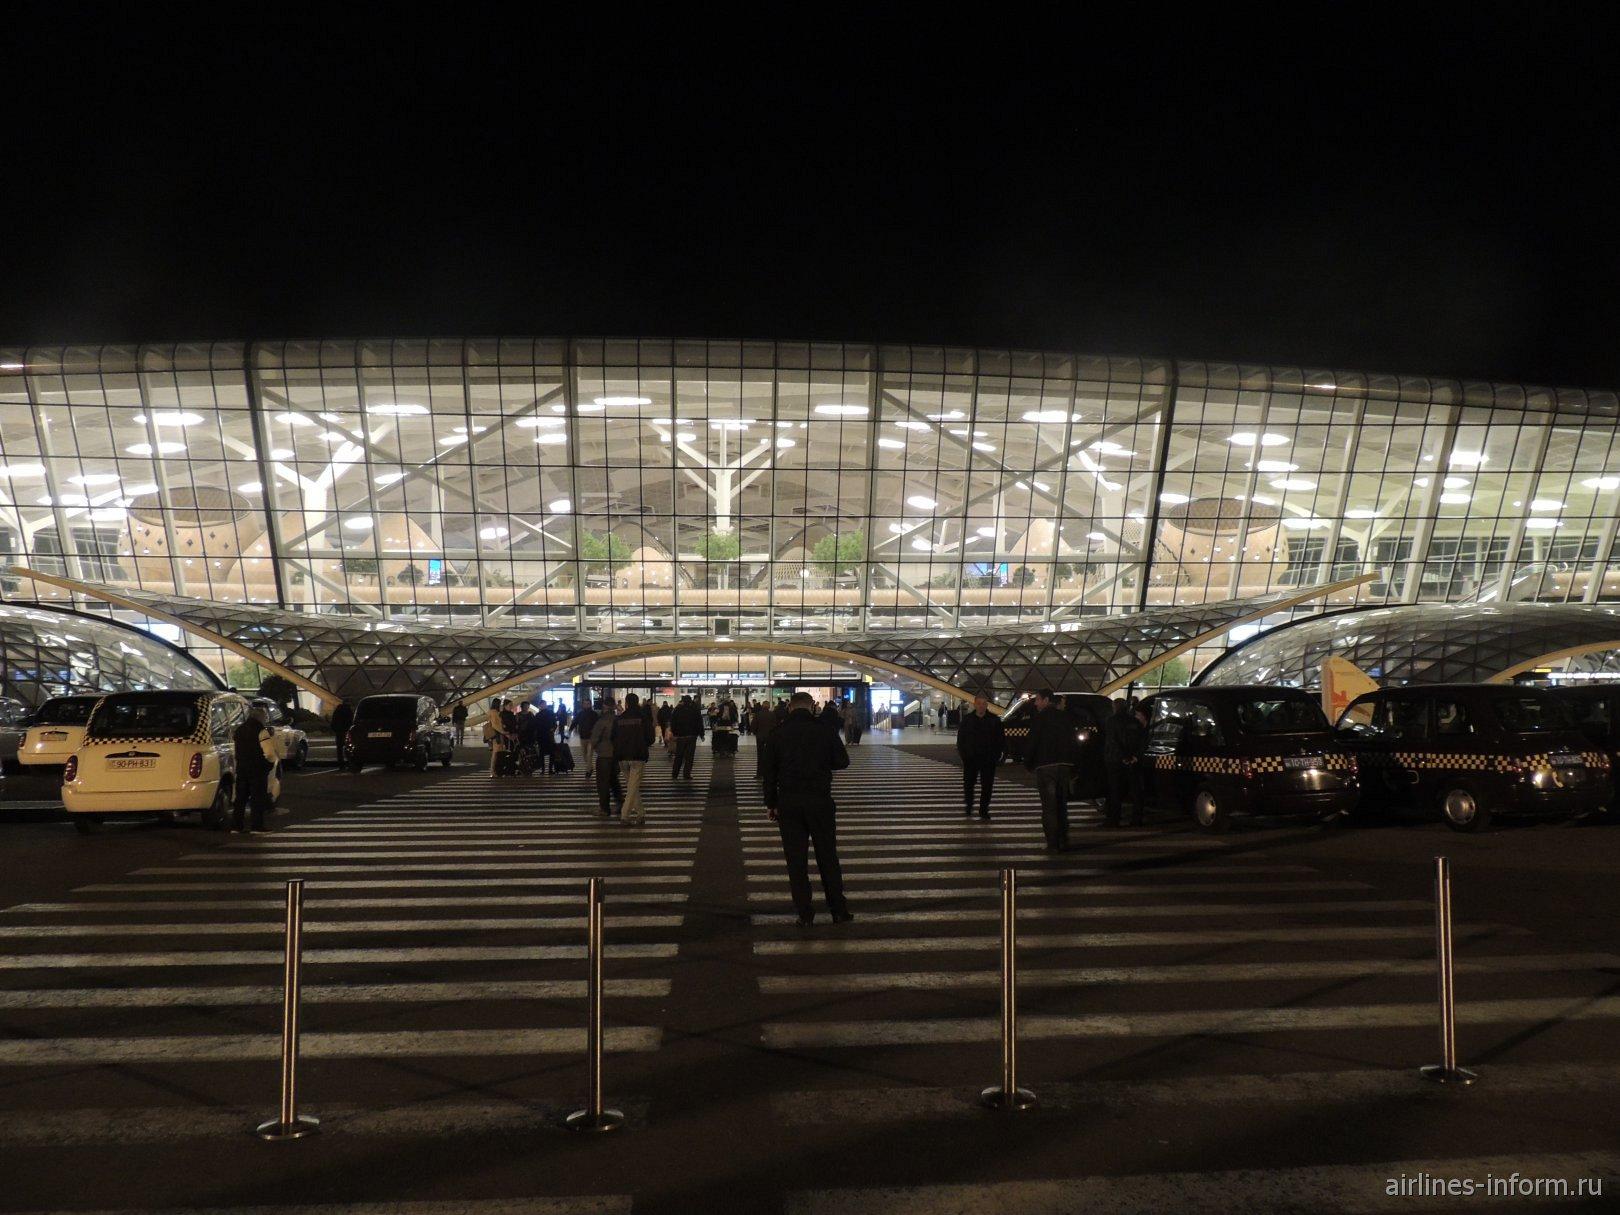 У входа в терминал 1 аэропорта Баку имени Гейдара Алиева